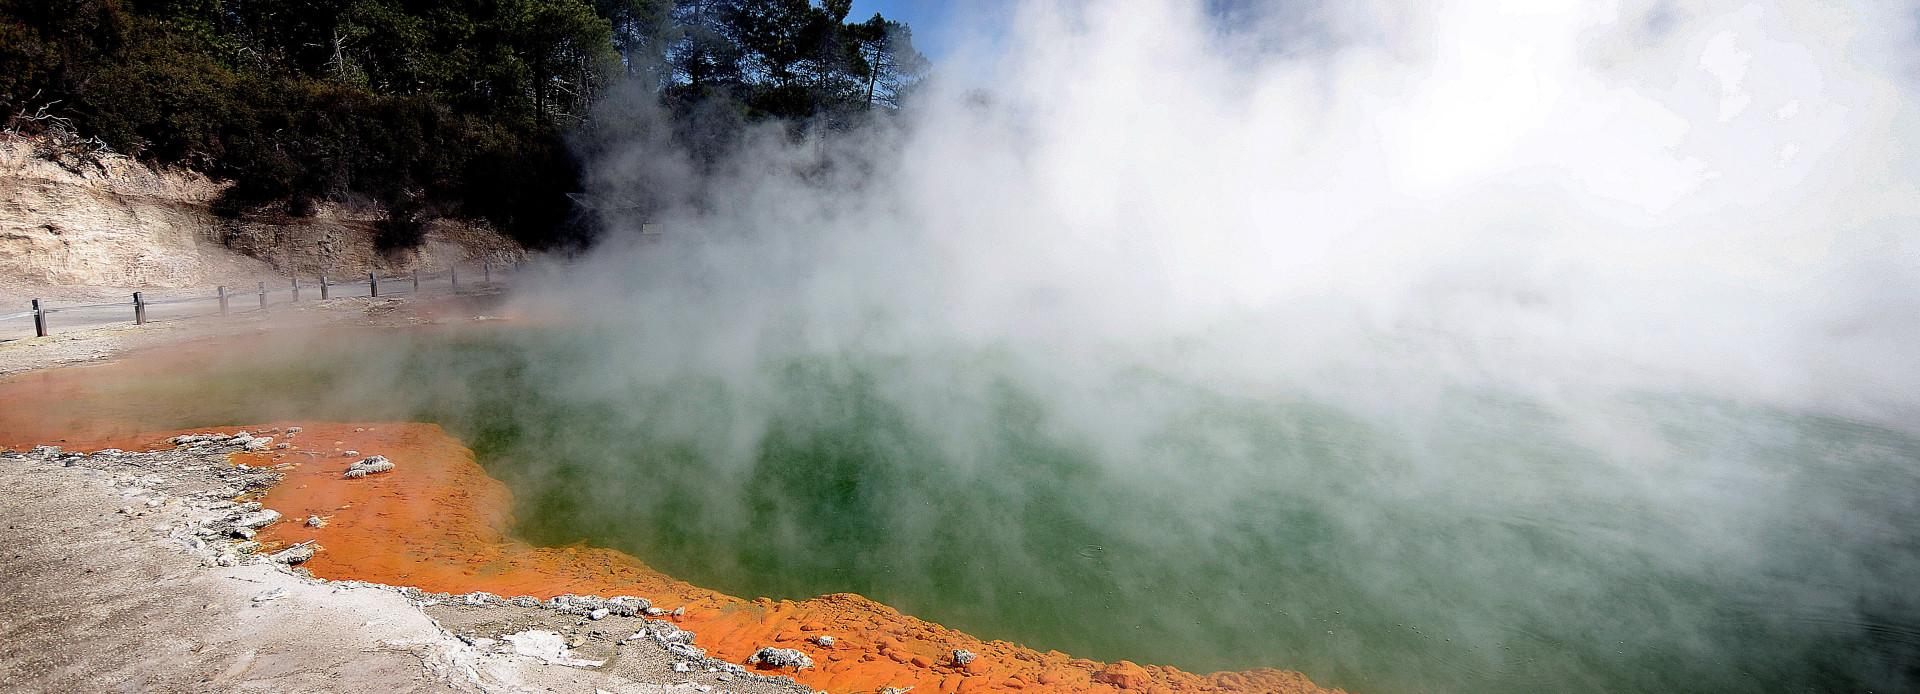 Neuseeland Champagne Pool im Wai o Tapu